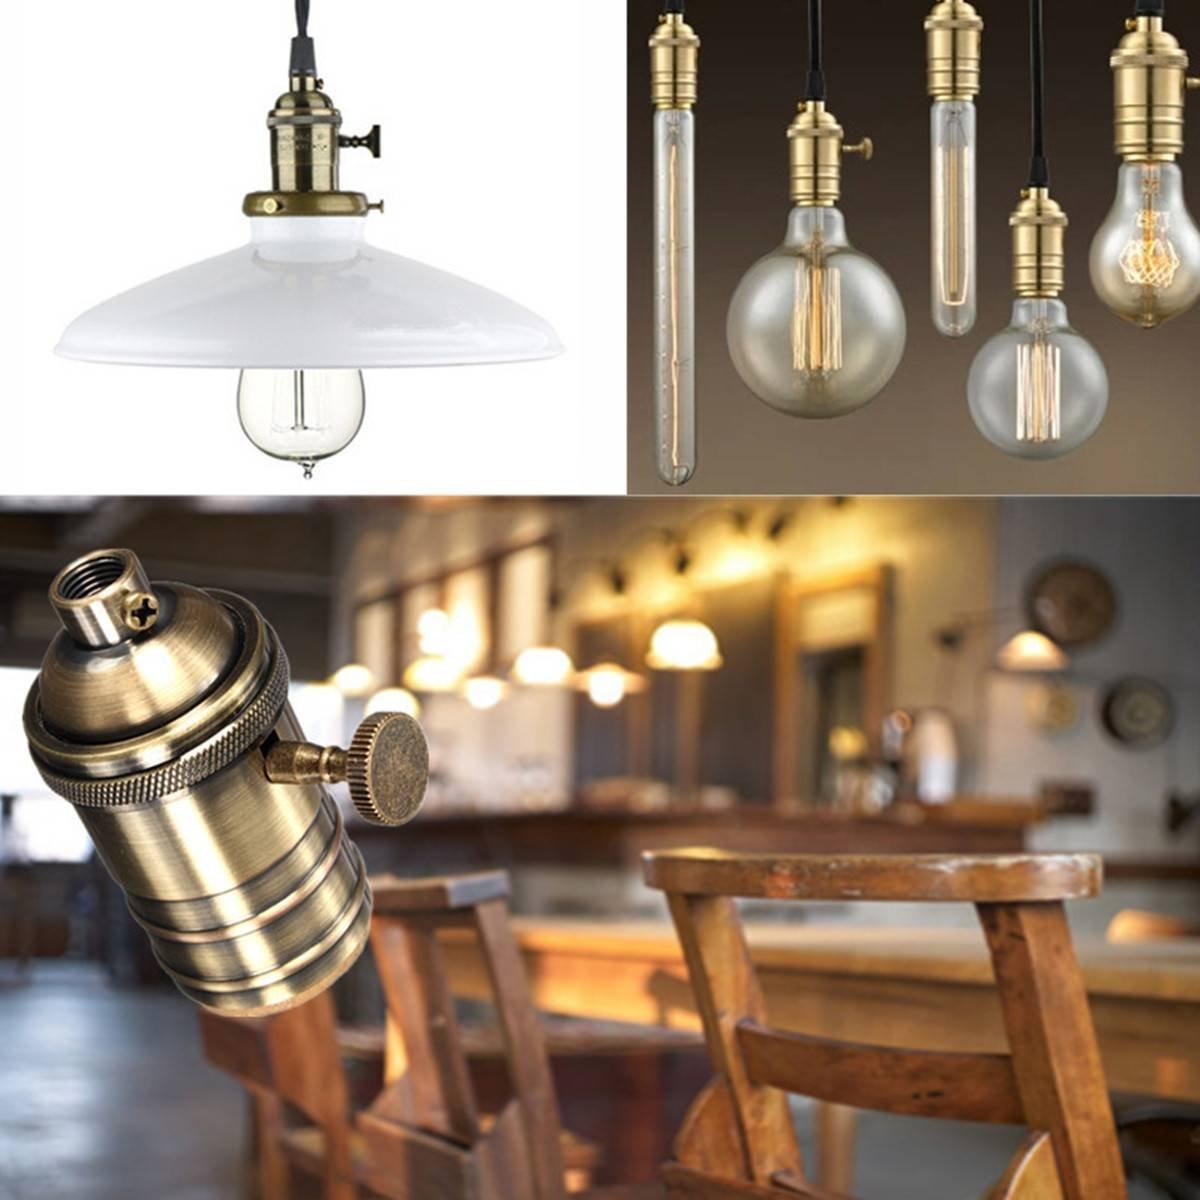 Fresh Newhouse Lighting Vintage Pendant Lamp Holder Brass Light Socket EG72